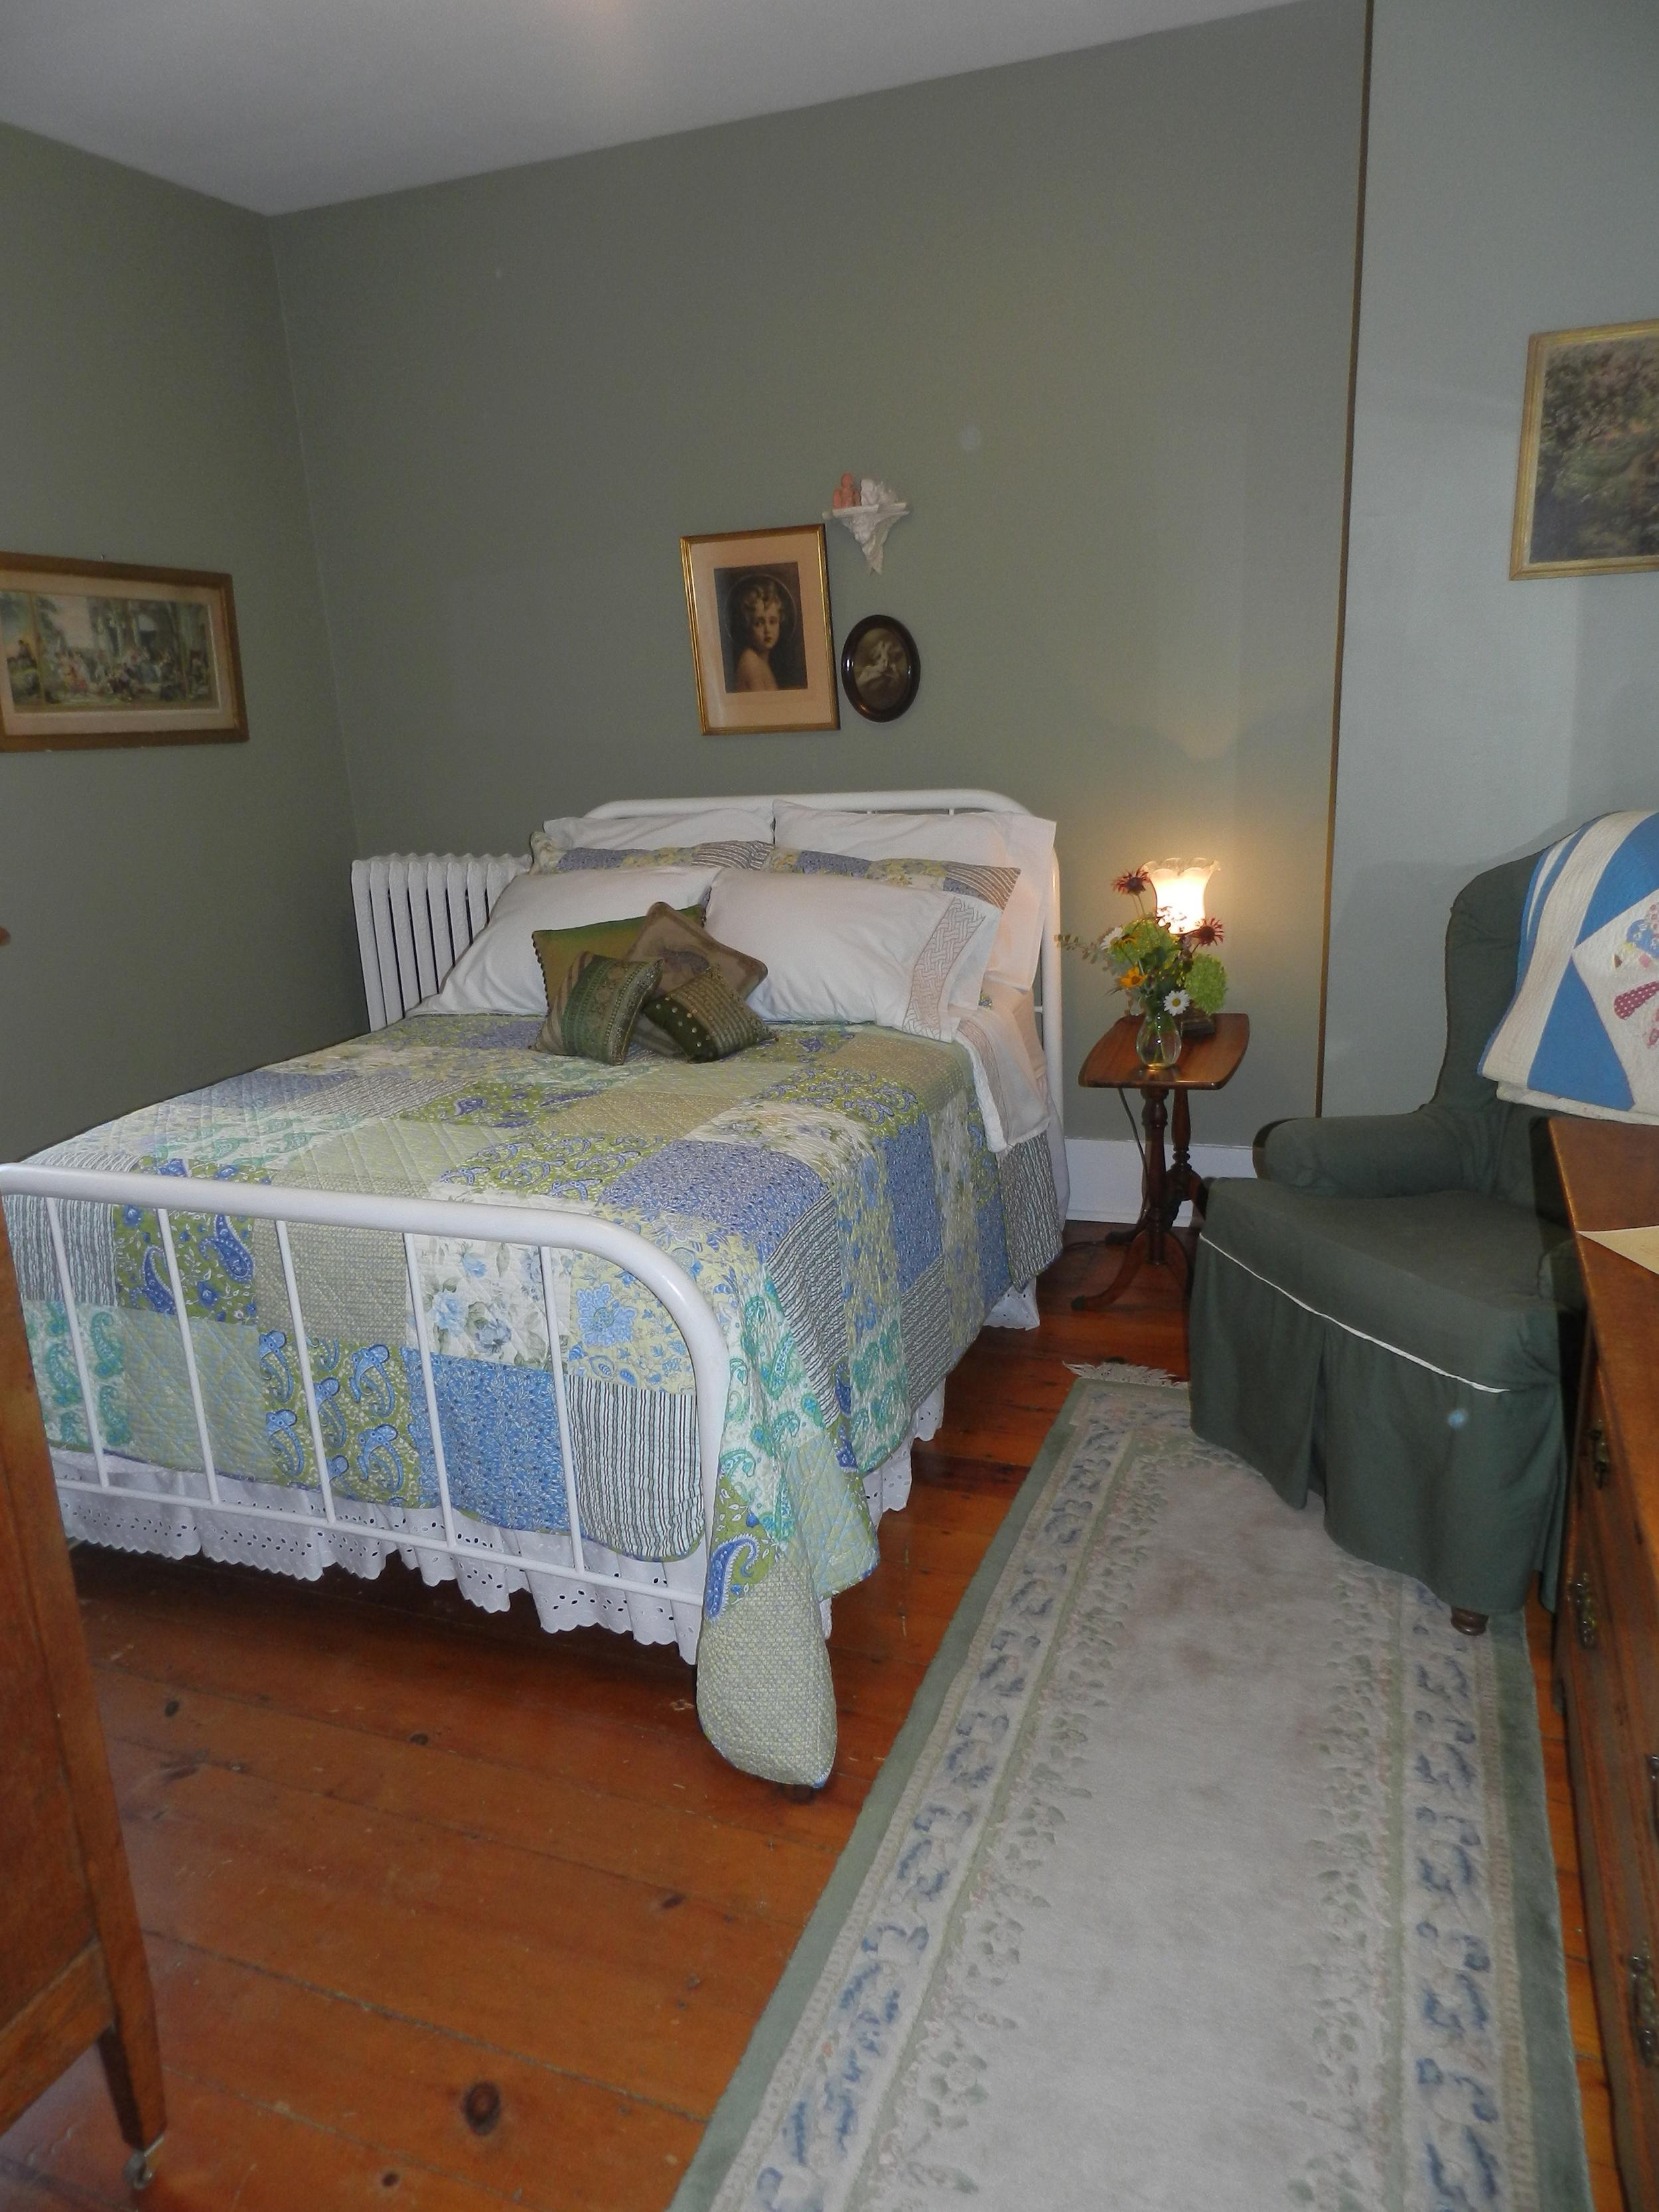 Hayley's Room